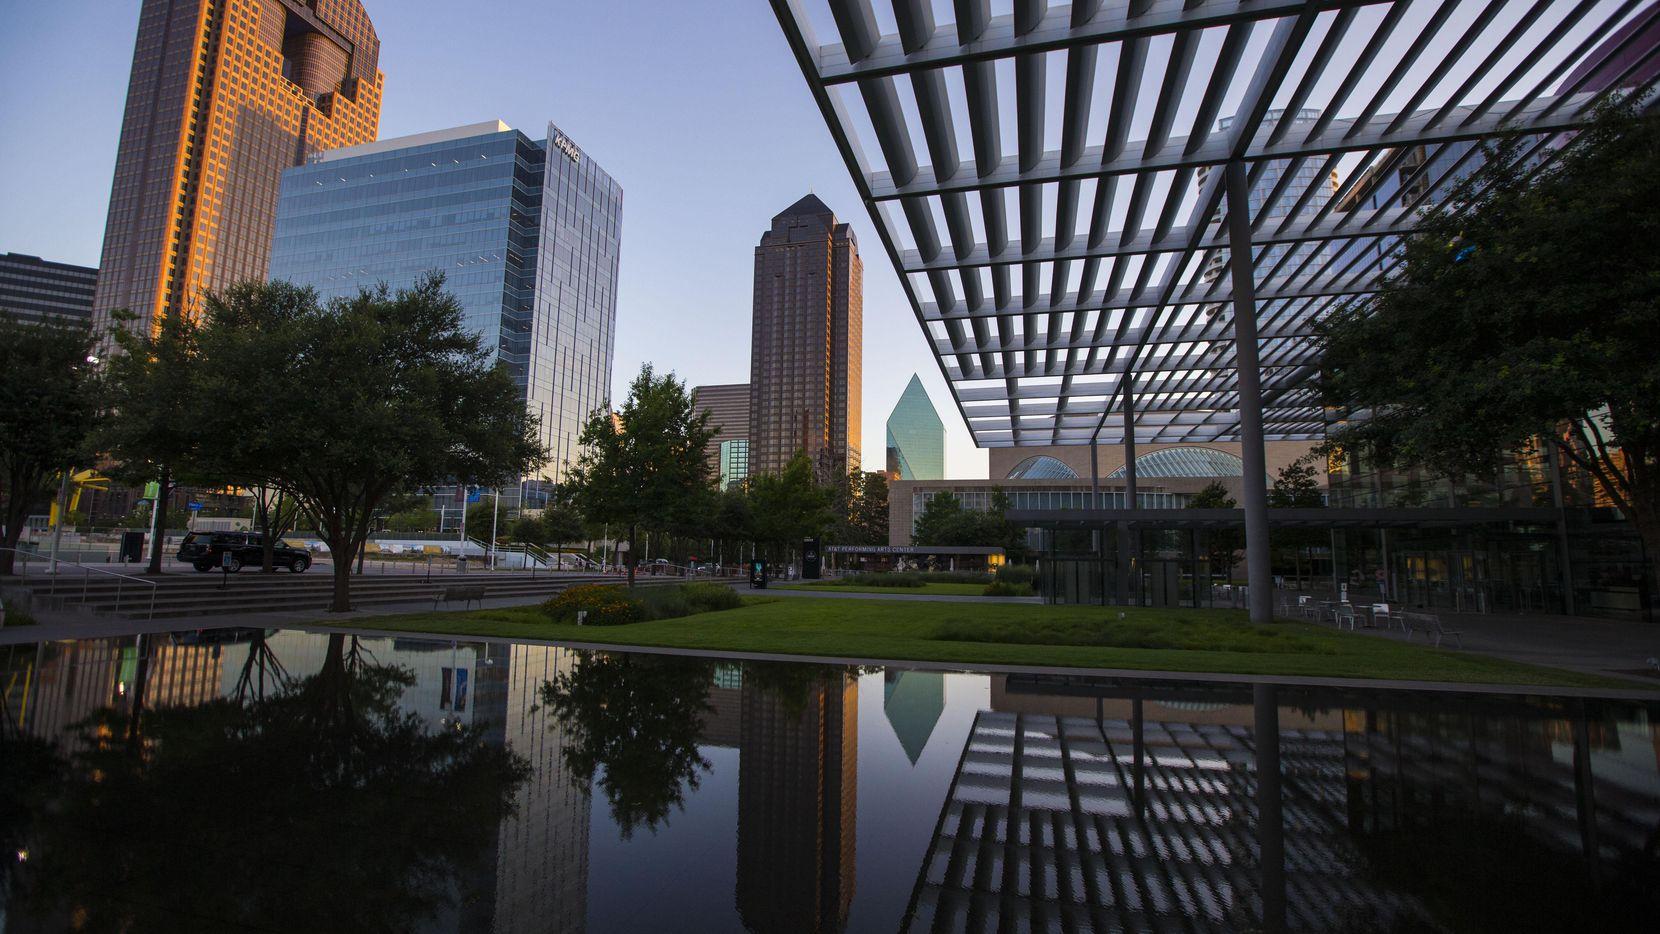 En Dallas el salario rinde mejor que otras metrópolis. Solo Atlanta y Detroit son más favorables económicamente. (DMN/RYAN MICHALESKO)